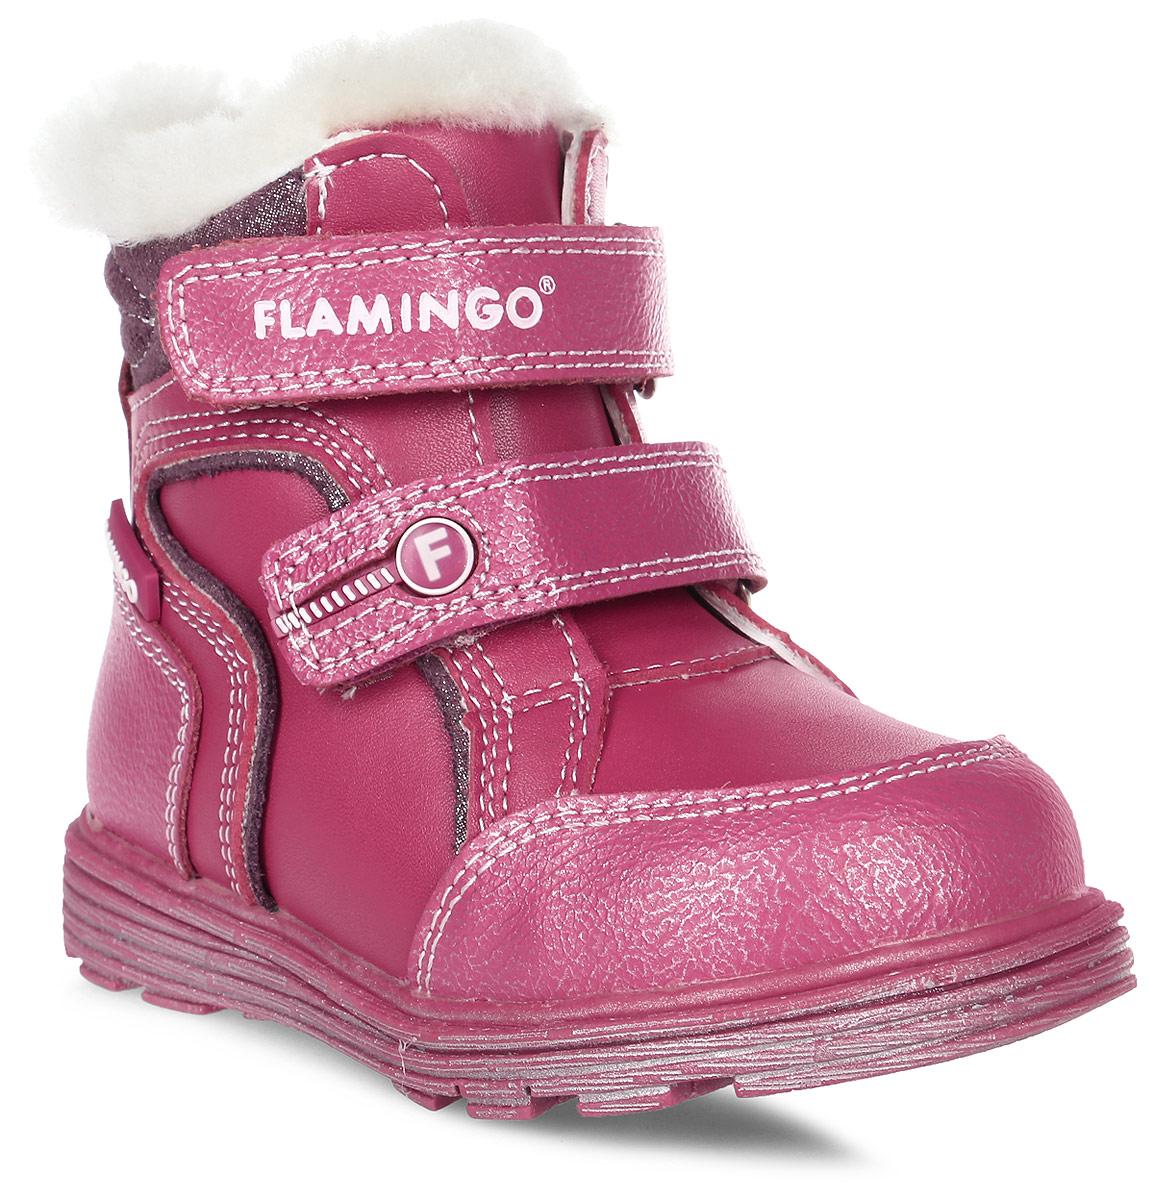 Ботинки для девочки Flamingo, цвет: розовый. W6XY313. Размер 22W6XY313Модные ботинки для девочки от Flamingo, выполненные из натуральной и искусственной кожи, оформлены меховой оторочкой. Подкладка и стелька из натуральной шерсти не дадут ногам замерзнуть. Ремешки с застежками-липучками надежно зафиксируют модель на ноге. Боковая застежка-молния позволяет легко снимать и надевать модель. Подошва дополнена рифлением.